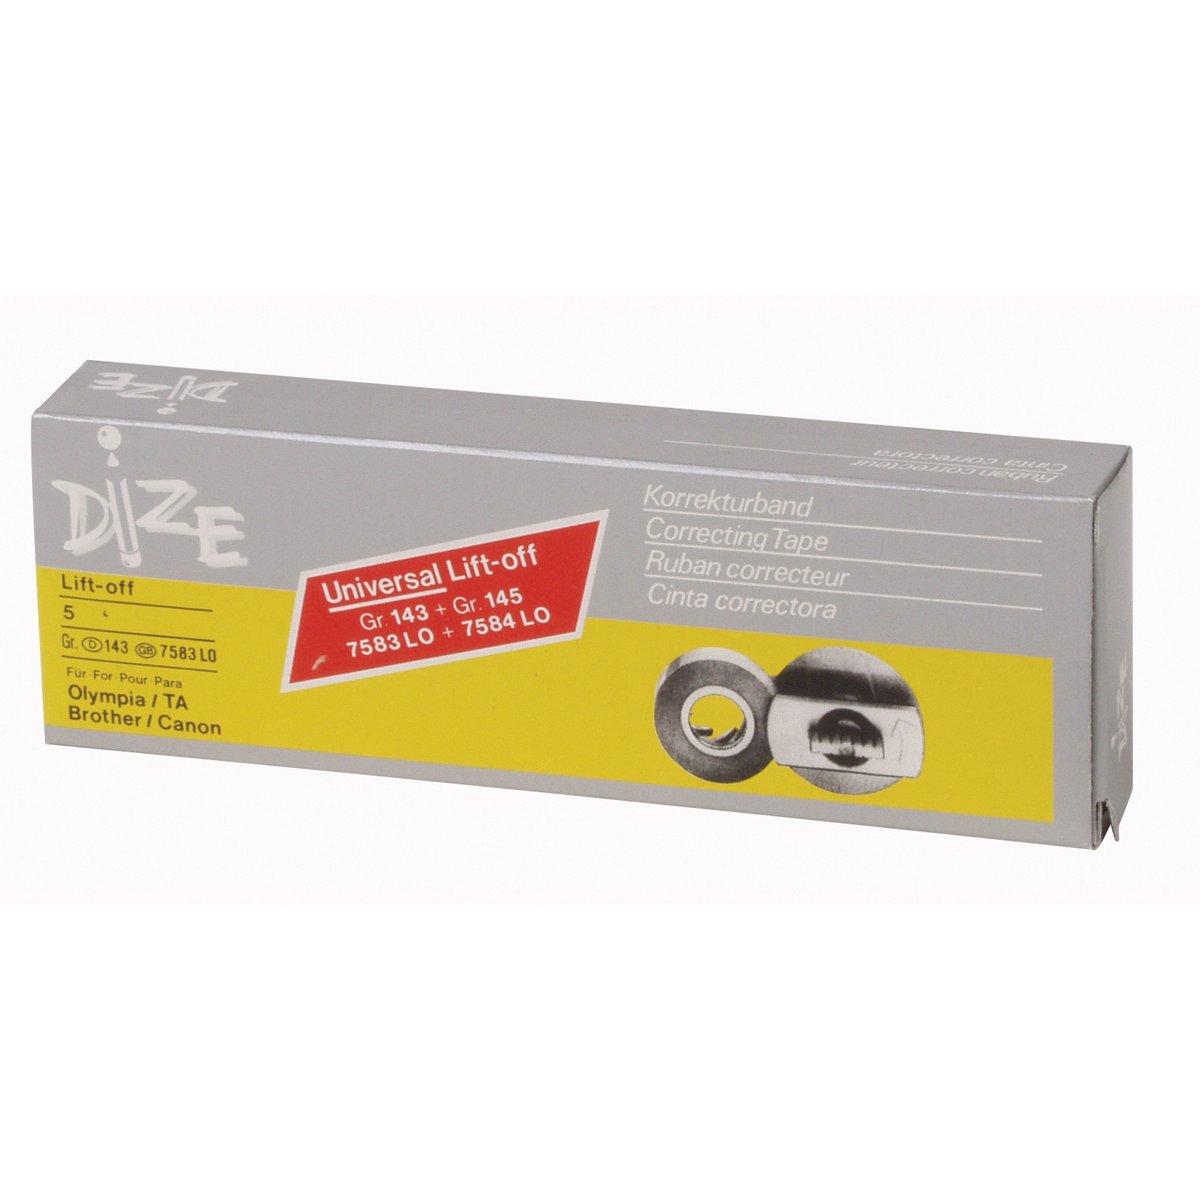 Corrección de cinta para máquinas de escribir eléctrica Olympia/TA/Brother/Conon, unidades 1 pc (5 rollos/caja).: Amazon.es: Hogar